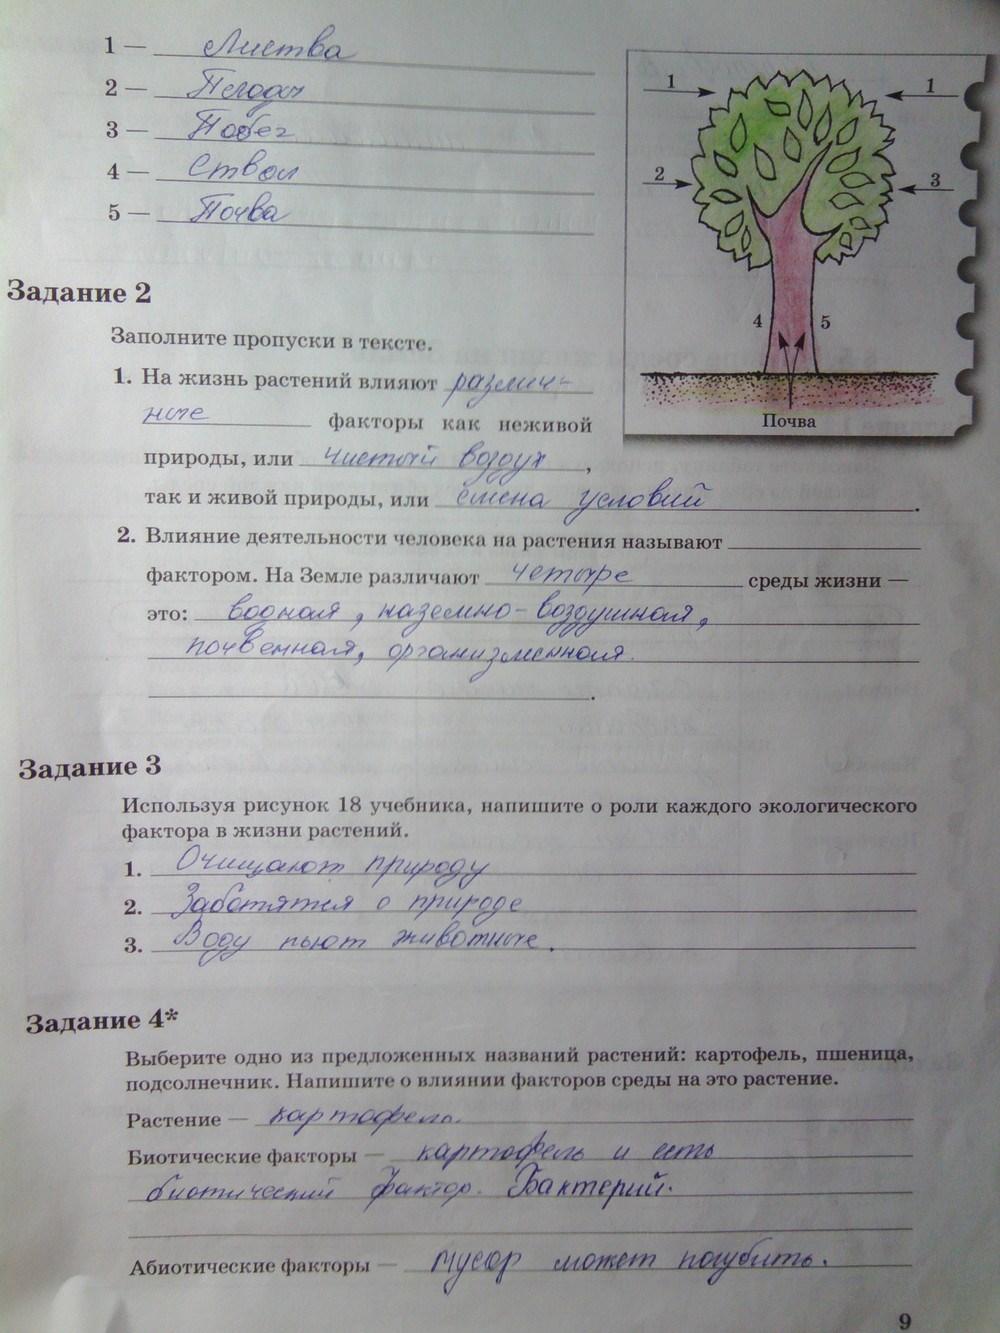 Решебник о биологии 9 класс пономарева